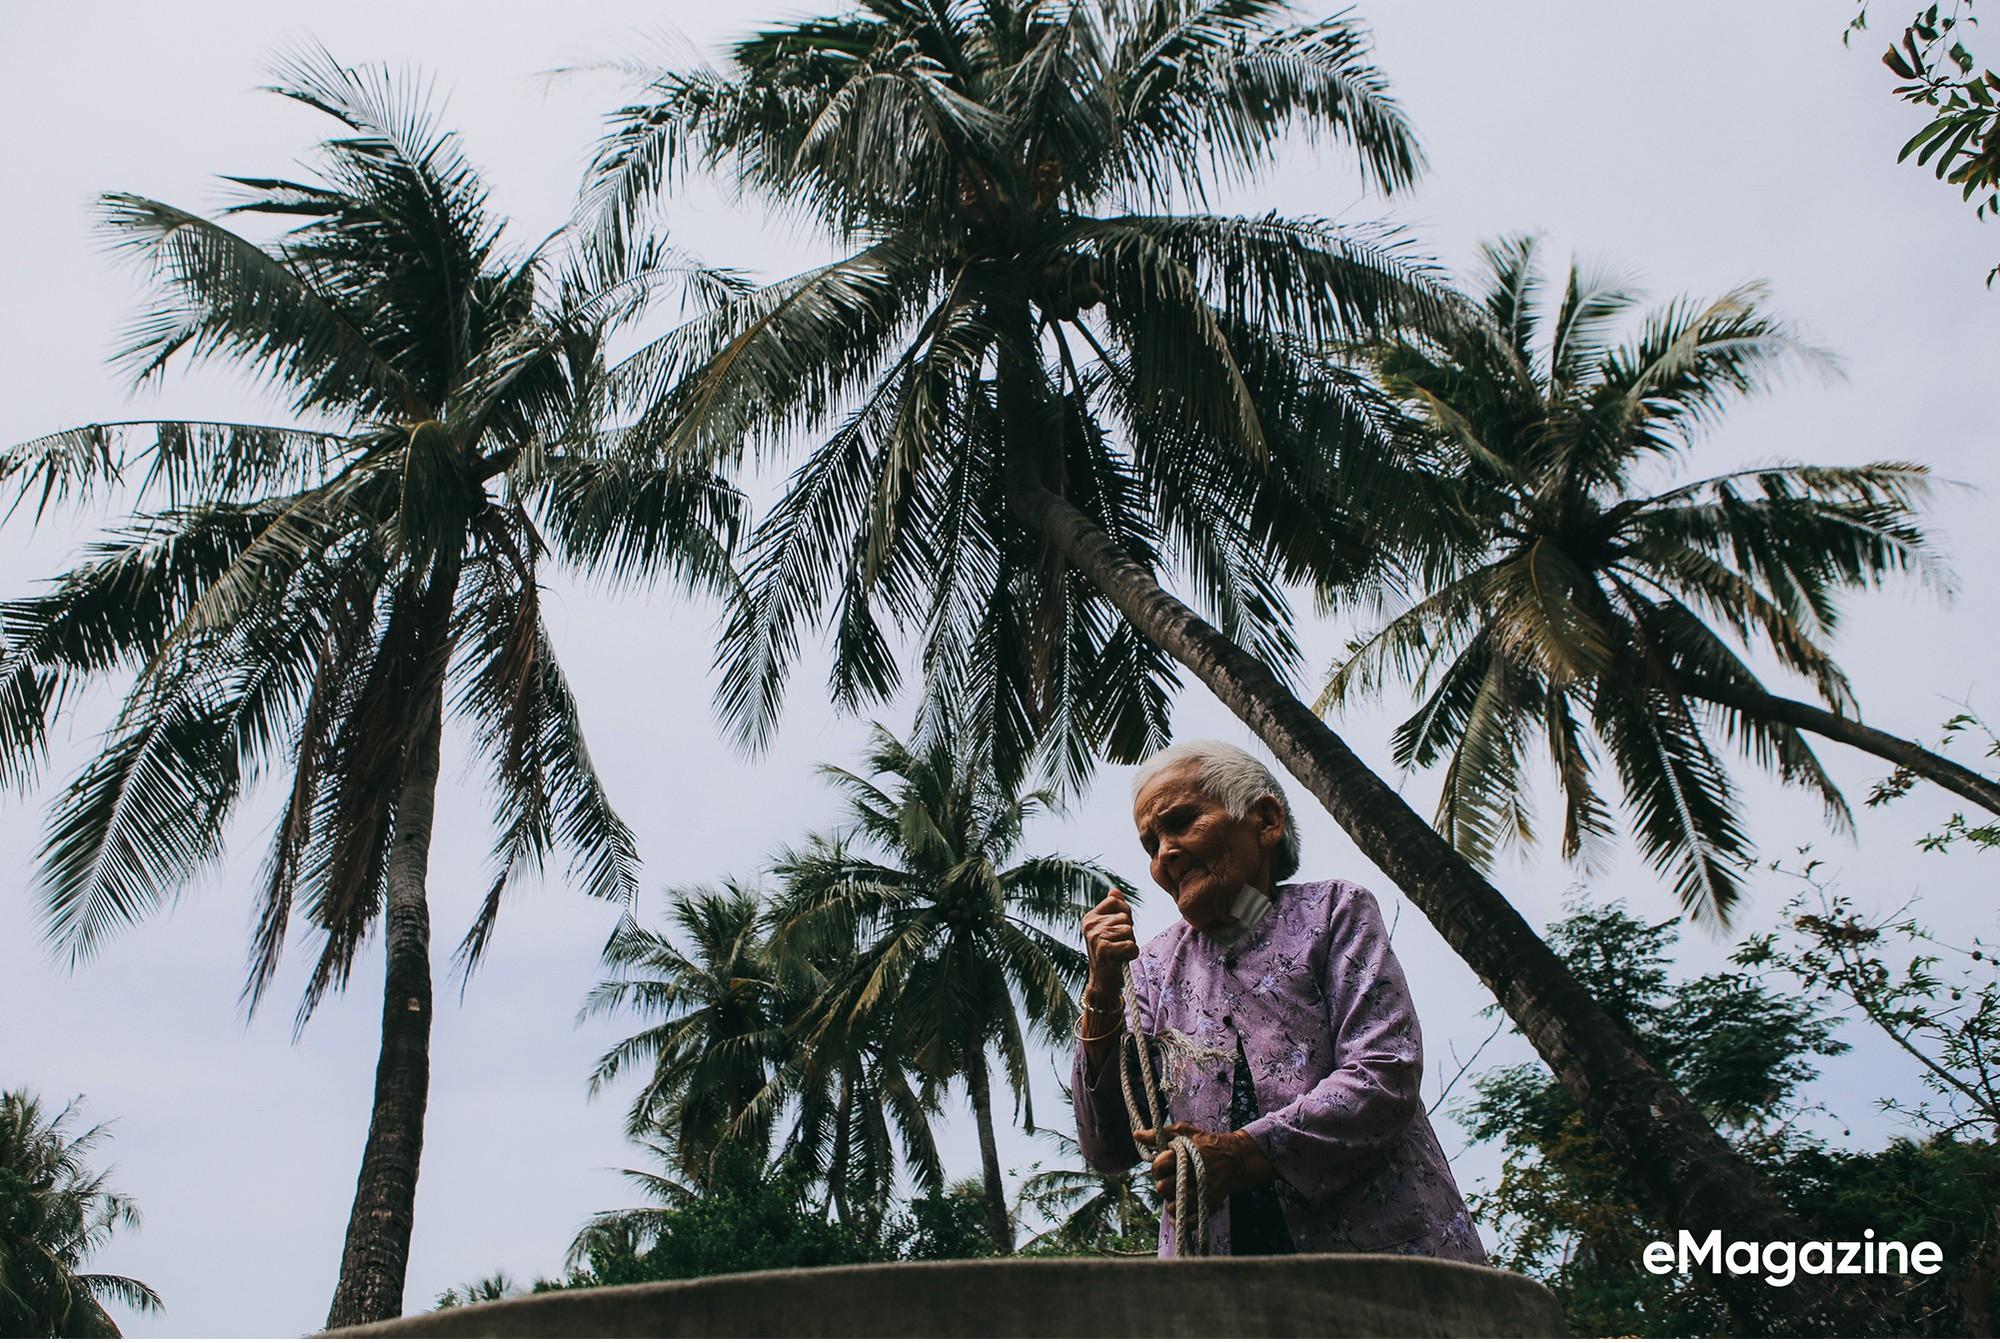 Tìm về những mảnh đời của người già bán vé số Sài Gòn: Nơi quê hương không ngọt - Ảnh 15.